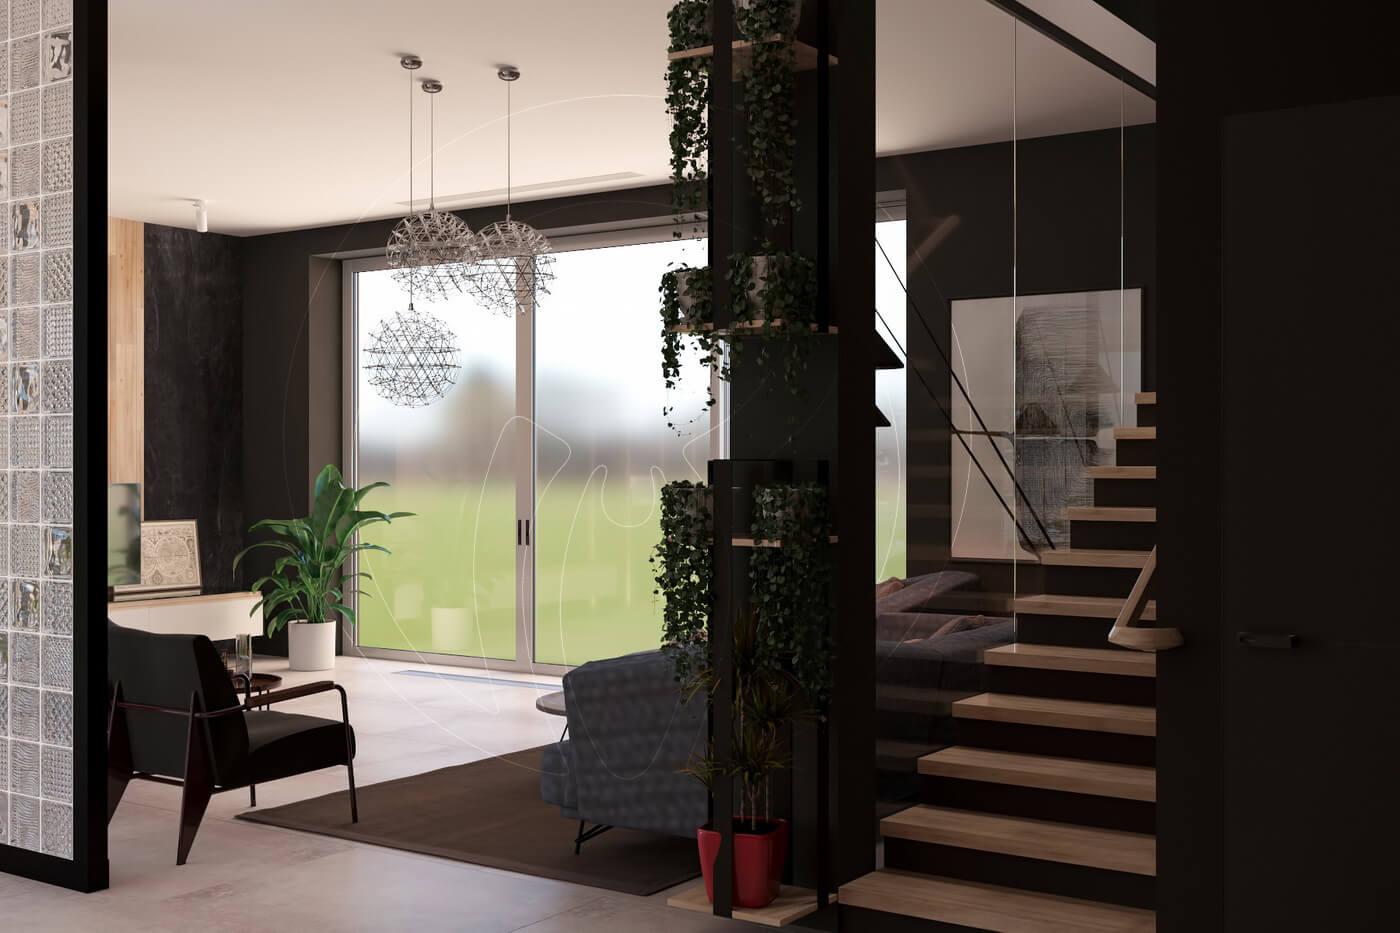 Загородный дом в современном стиле. Гостиная. Вид на лестницу